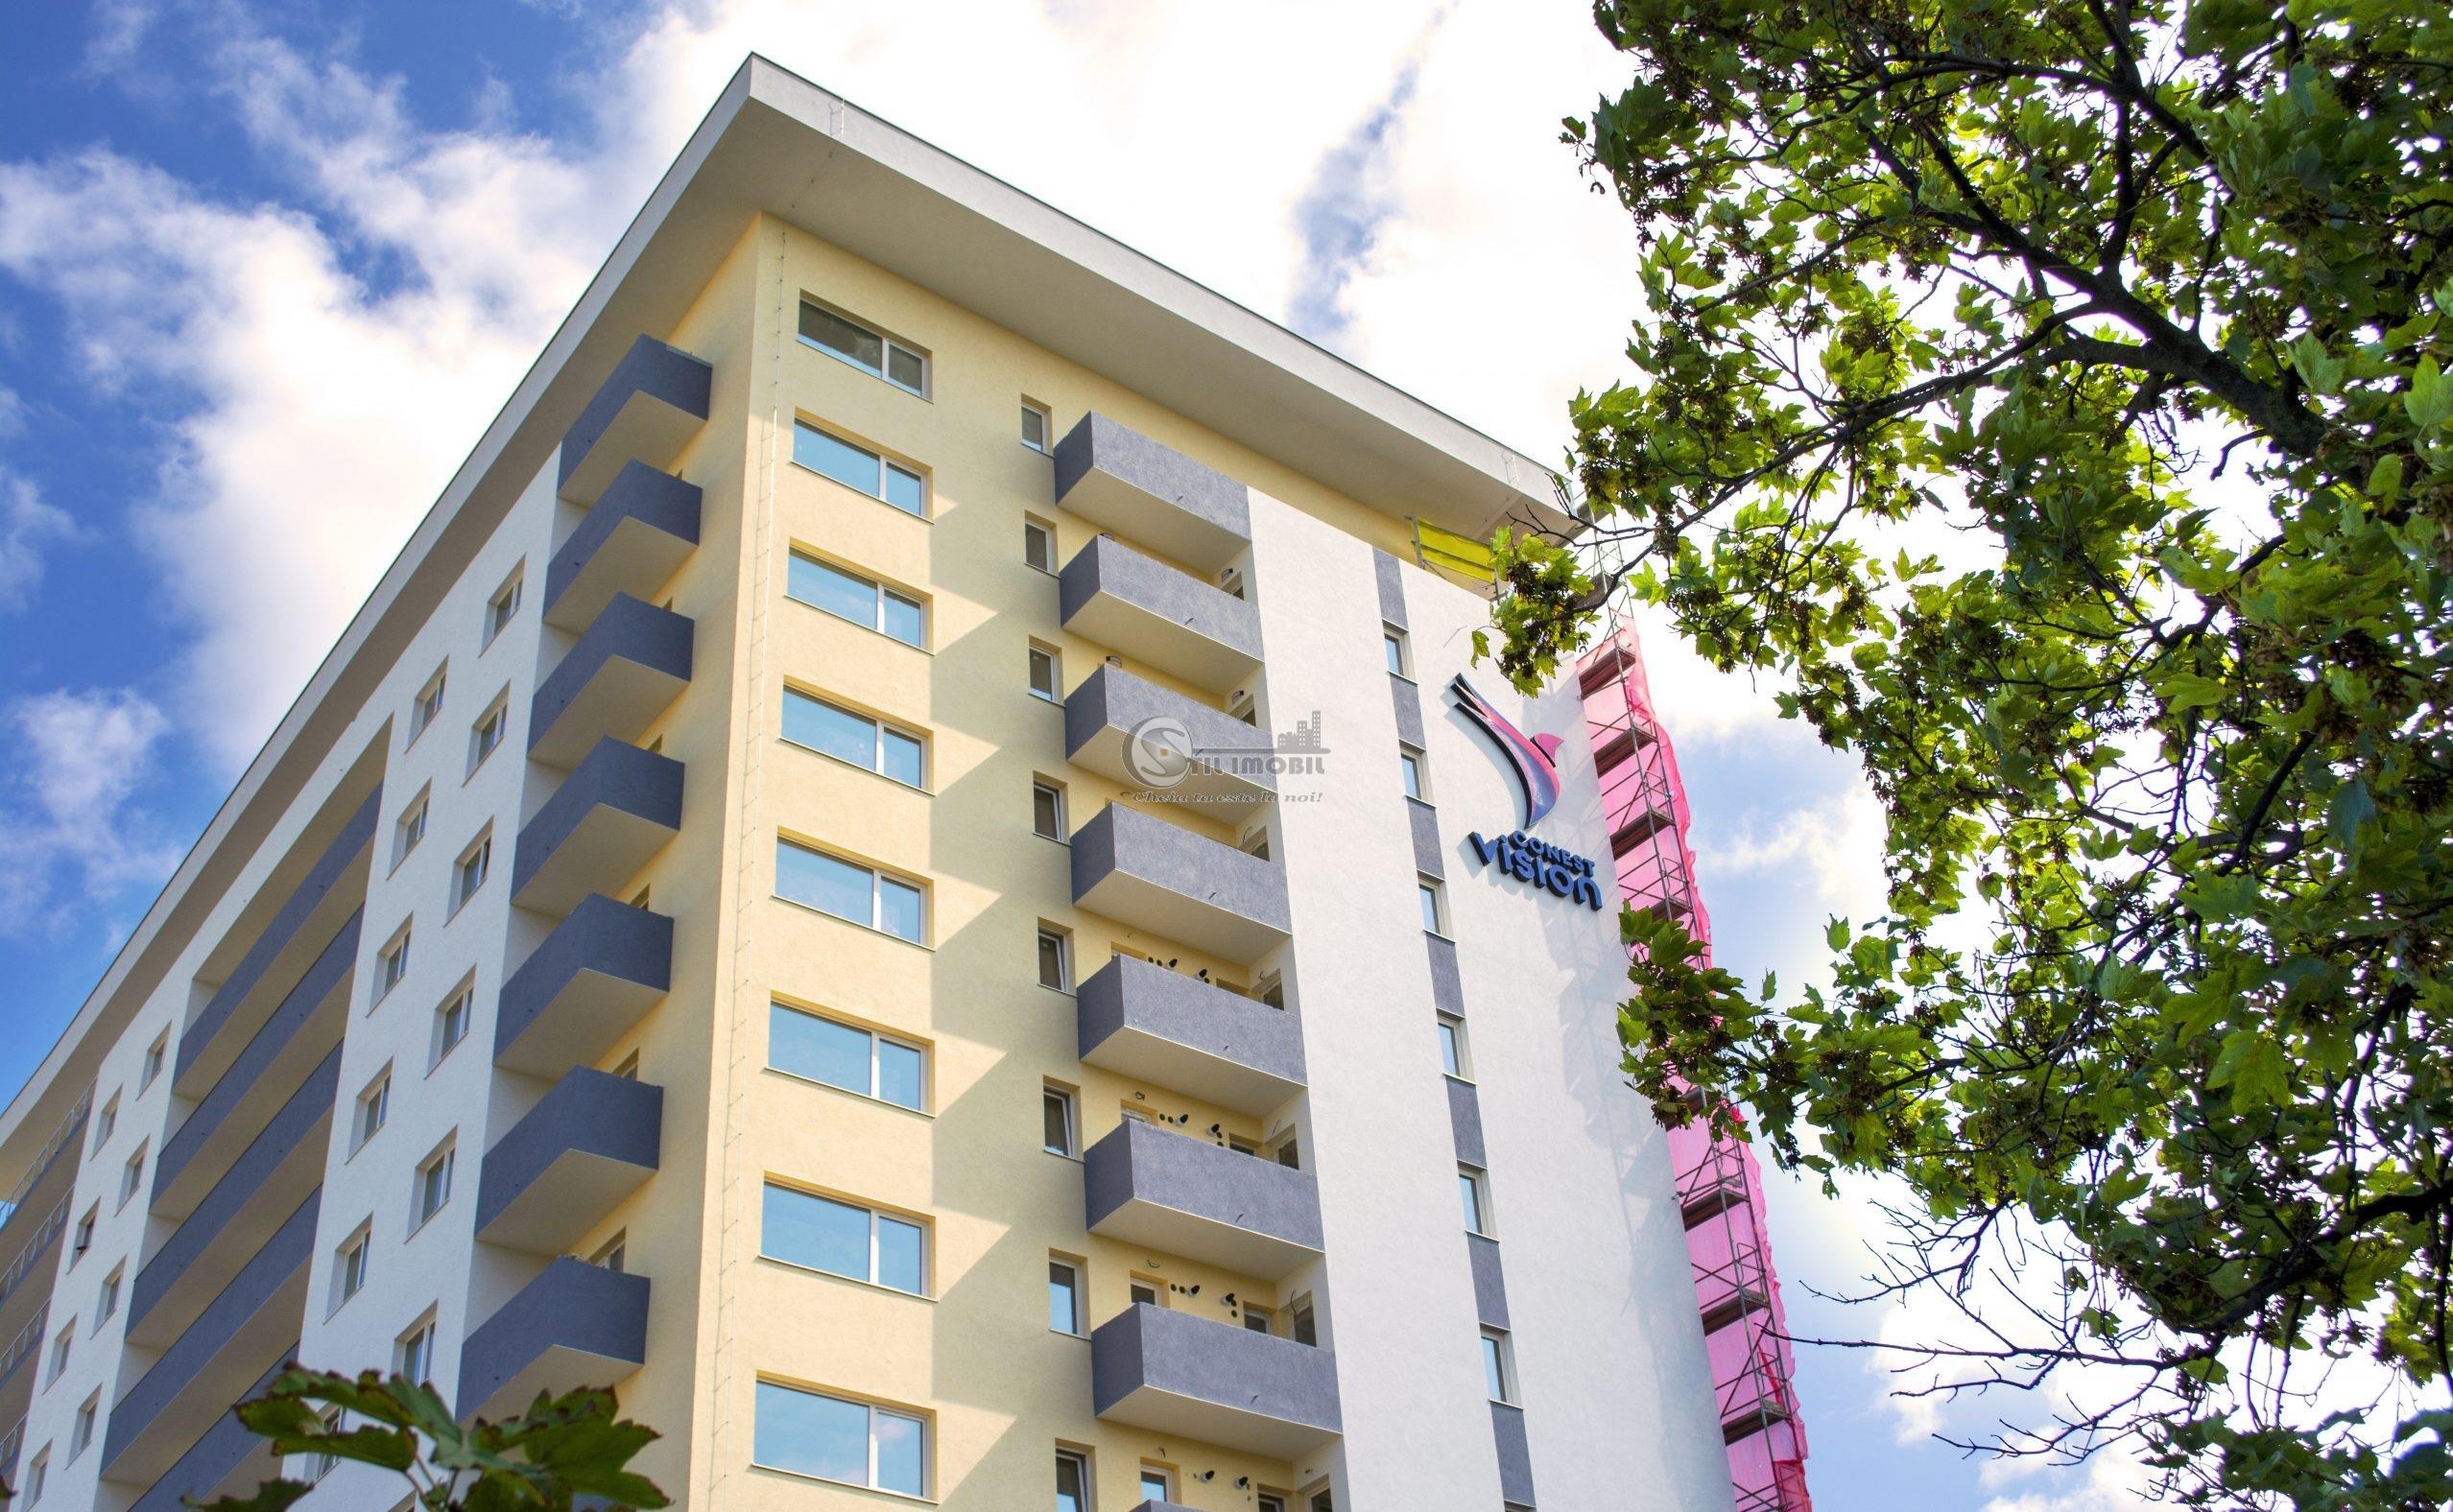 Apartament 1 camera cu terasa 20 mp Galata 73000 euro